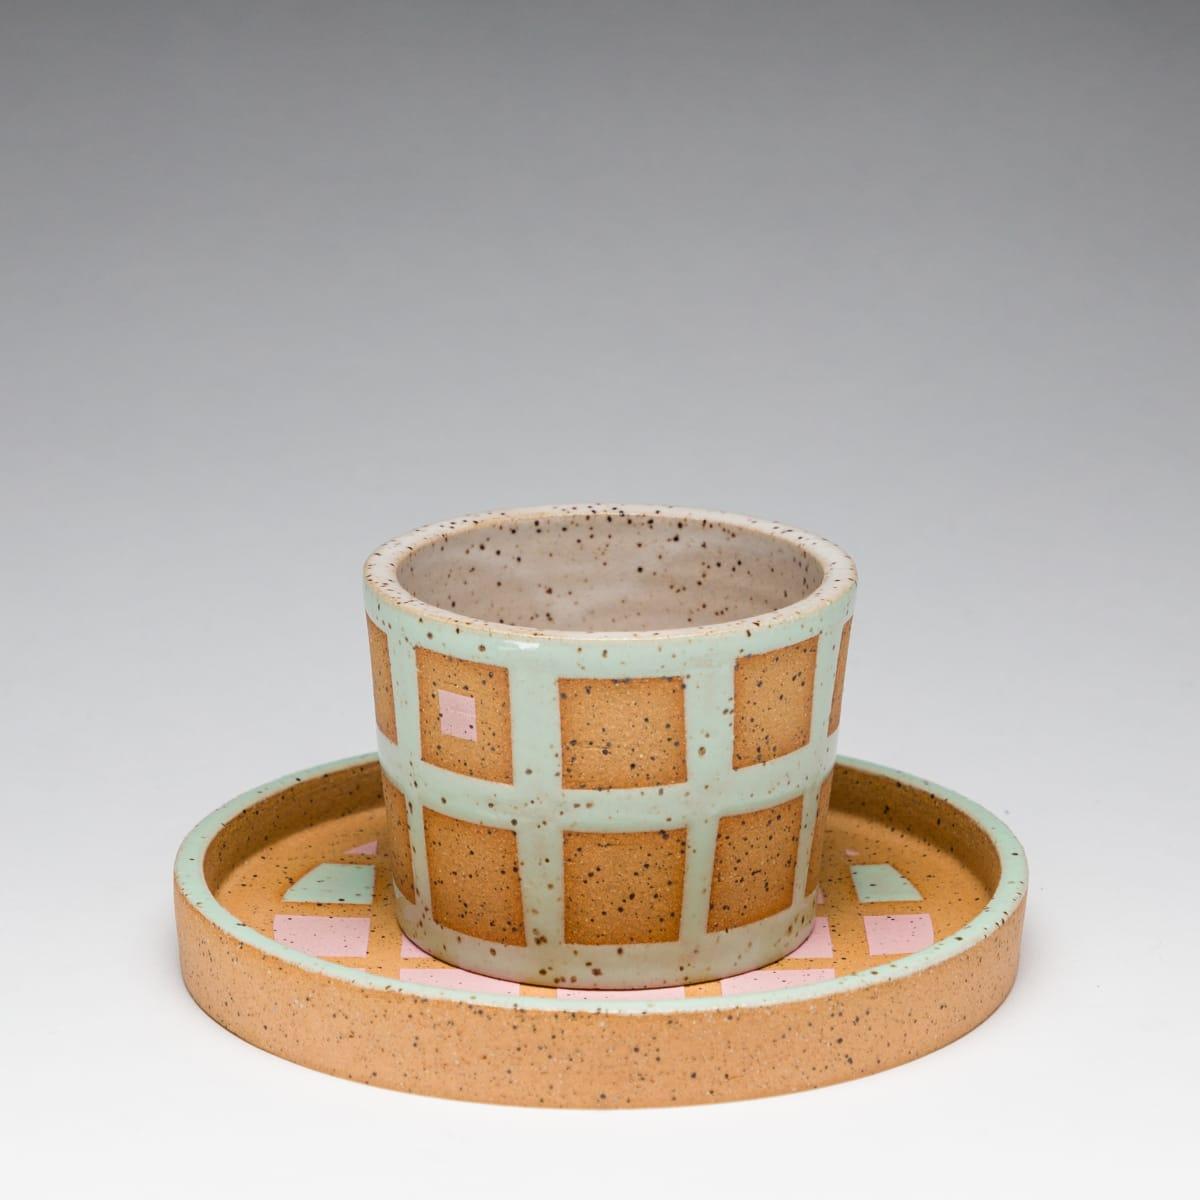 Rachel Donner, Pink and Blue Speckled Espresso Set, 2019